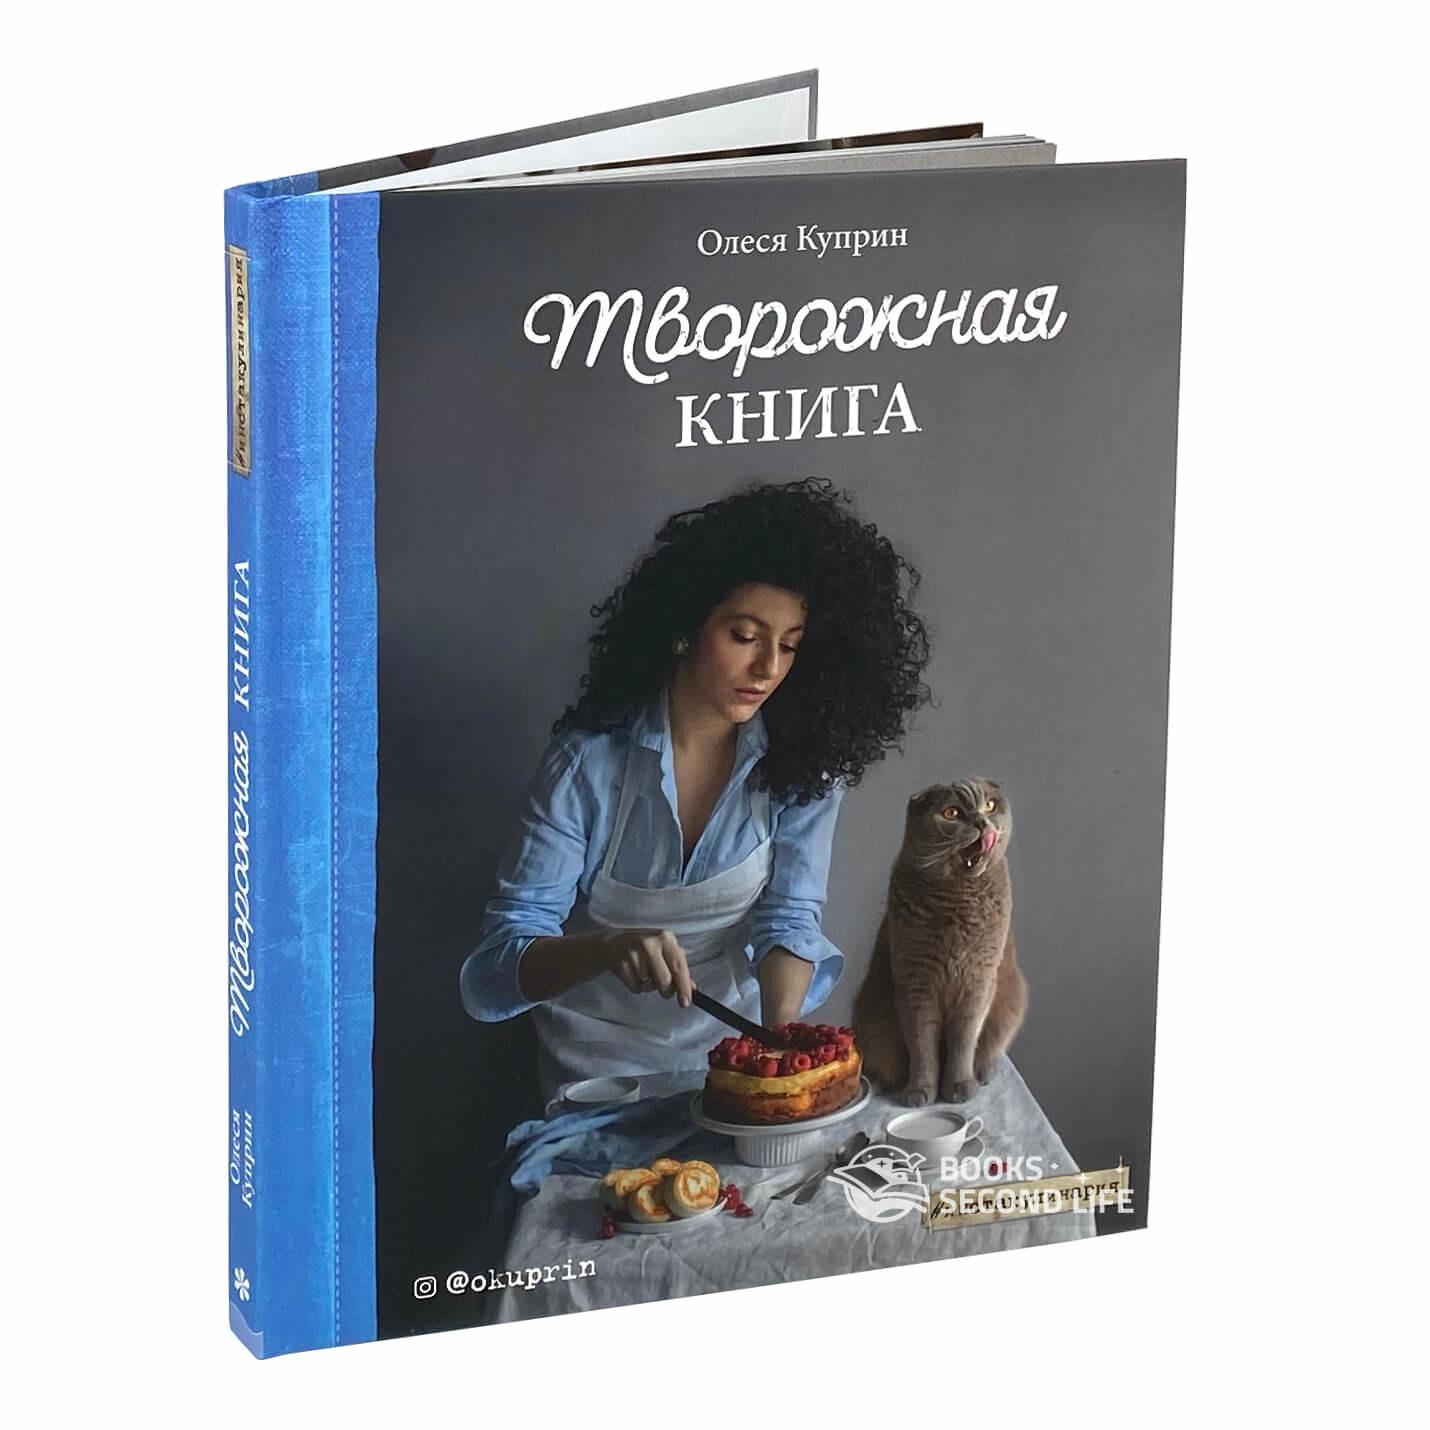 Творожная книга. Автор — Олеся Куприн. Переплет —